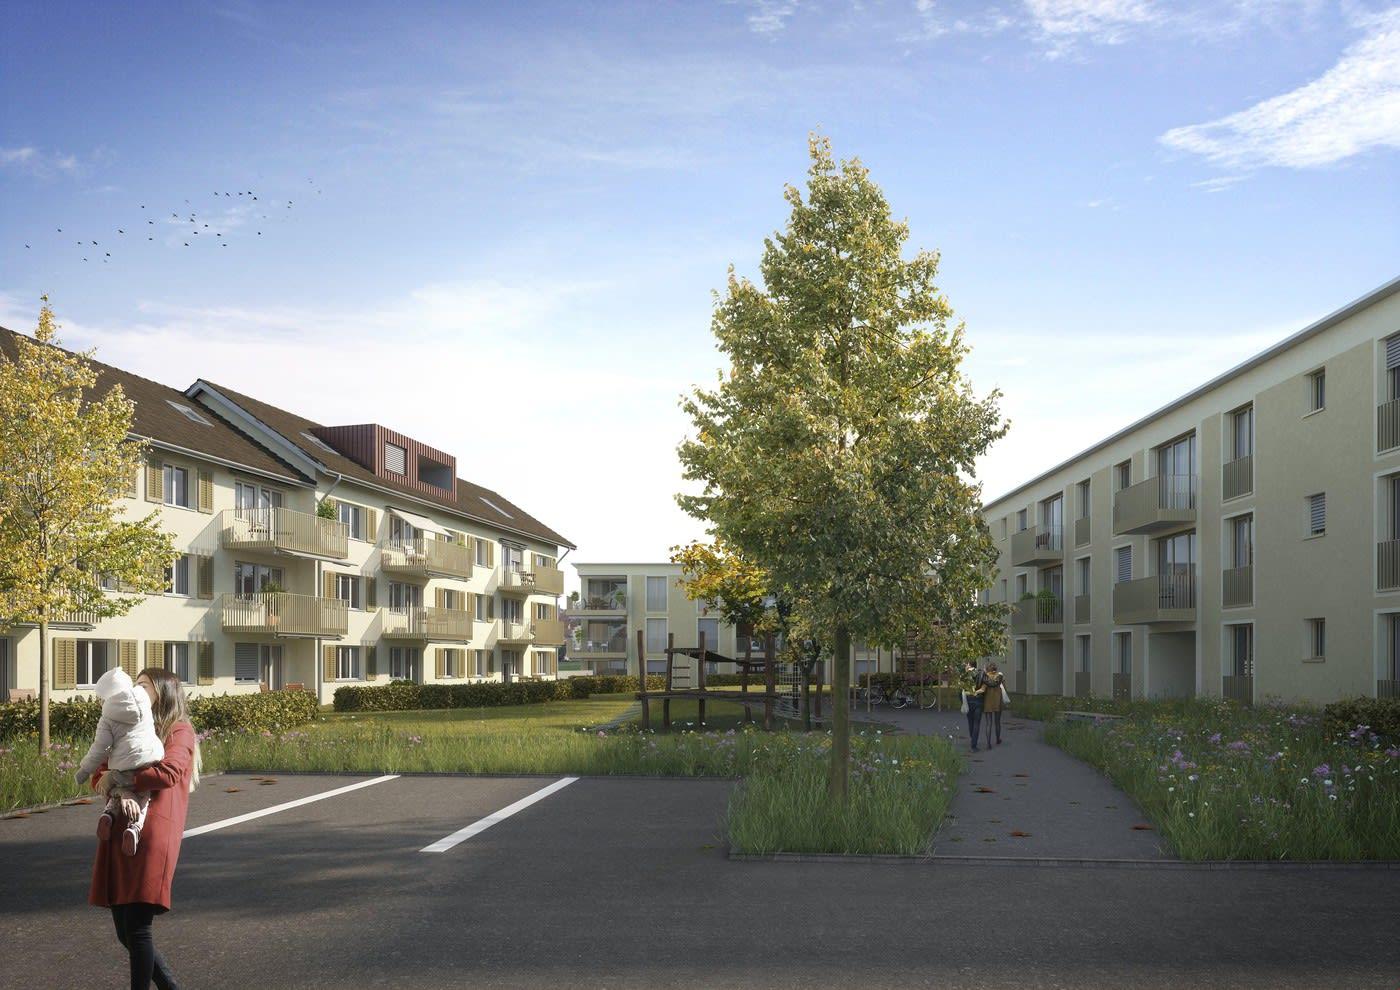 Nussbaumweg 1